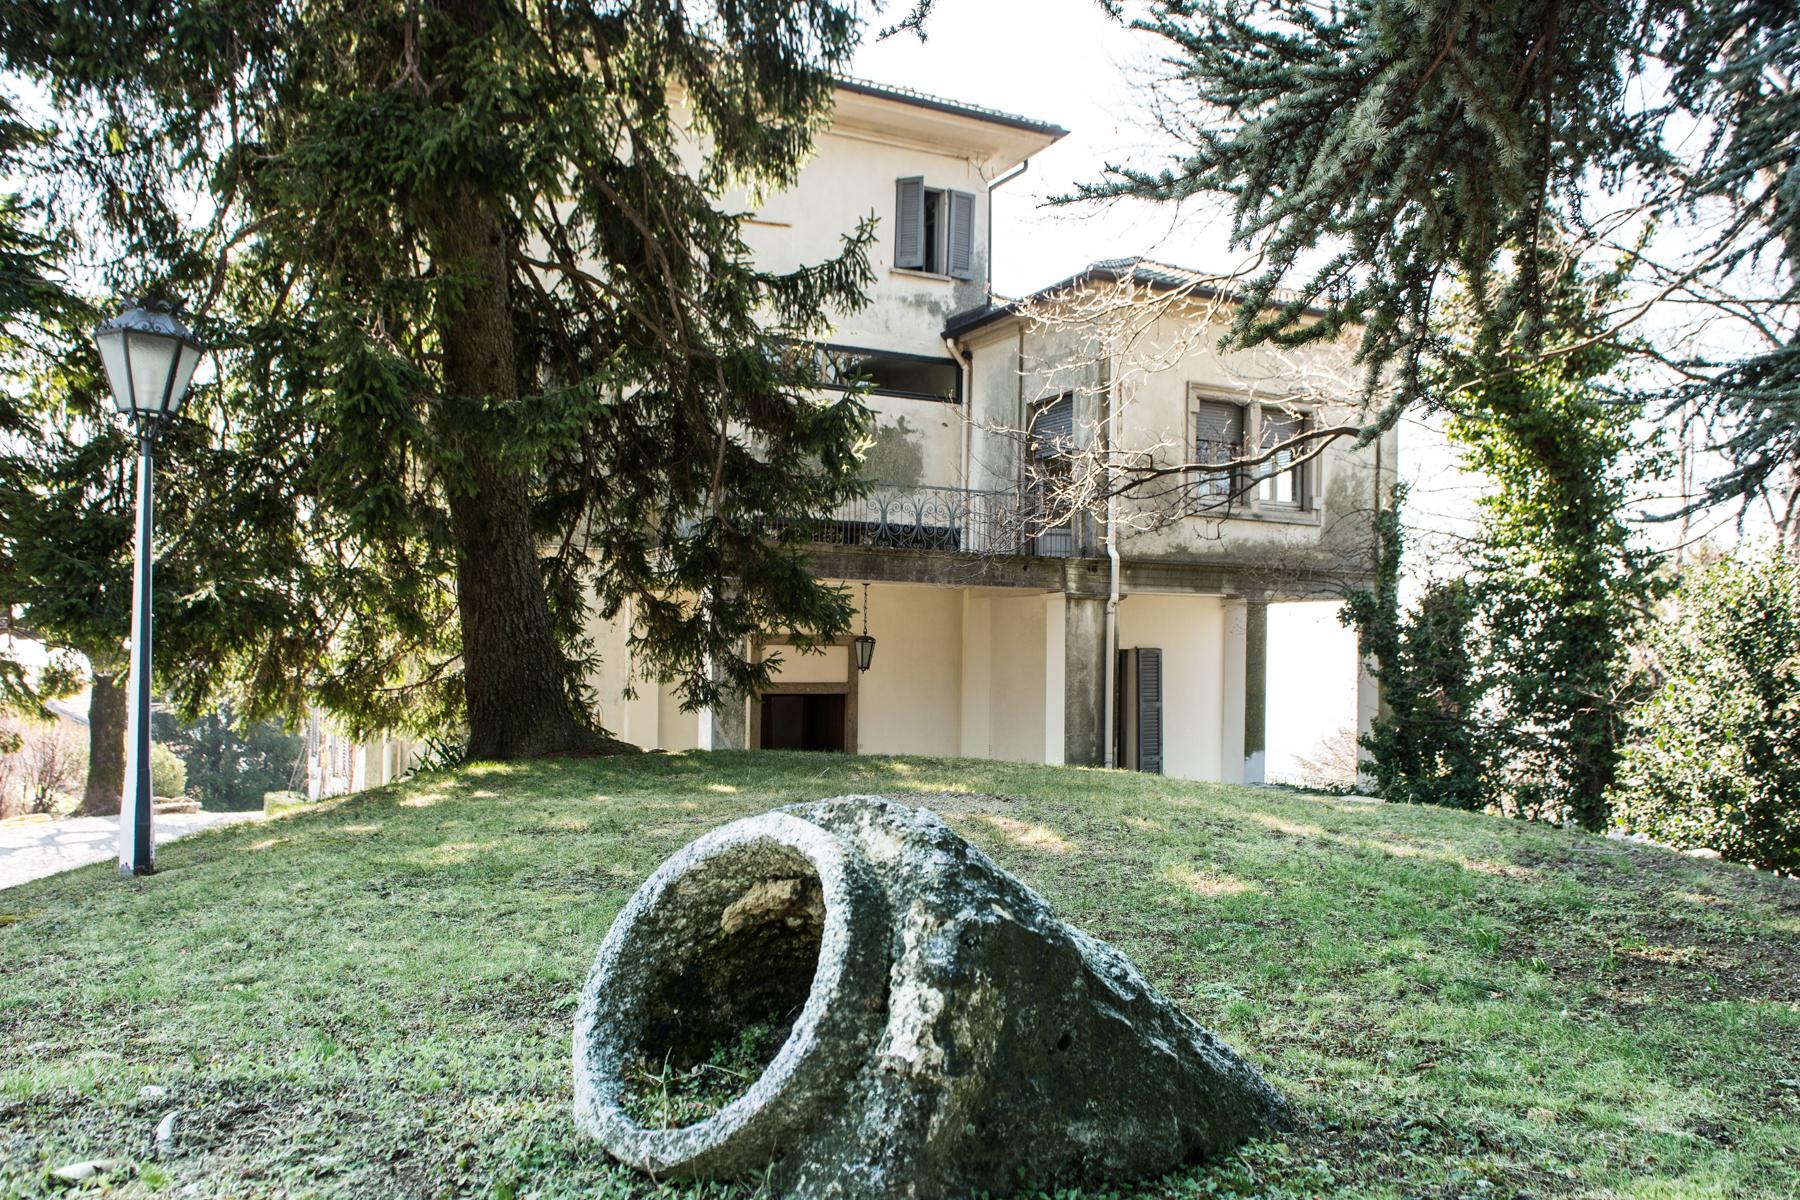 Villa in Vendita a Brunate: 5 locali, 600 mq - Foto 5